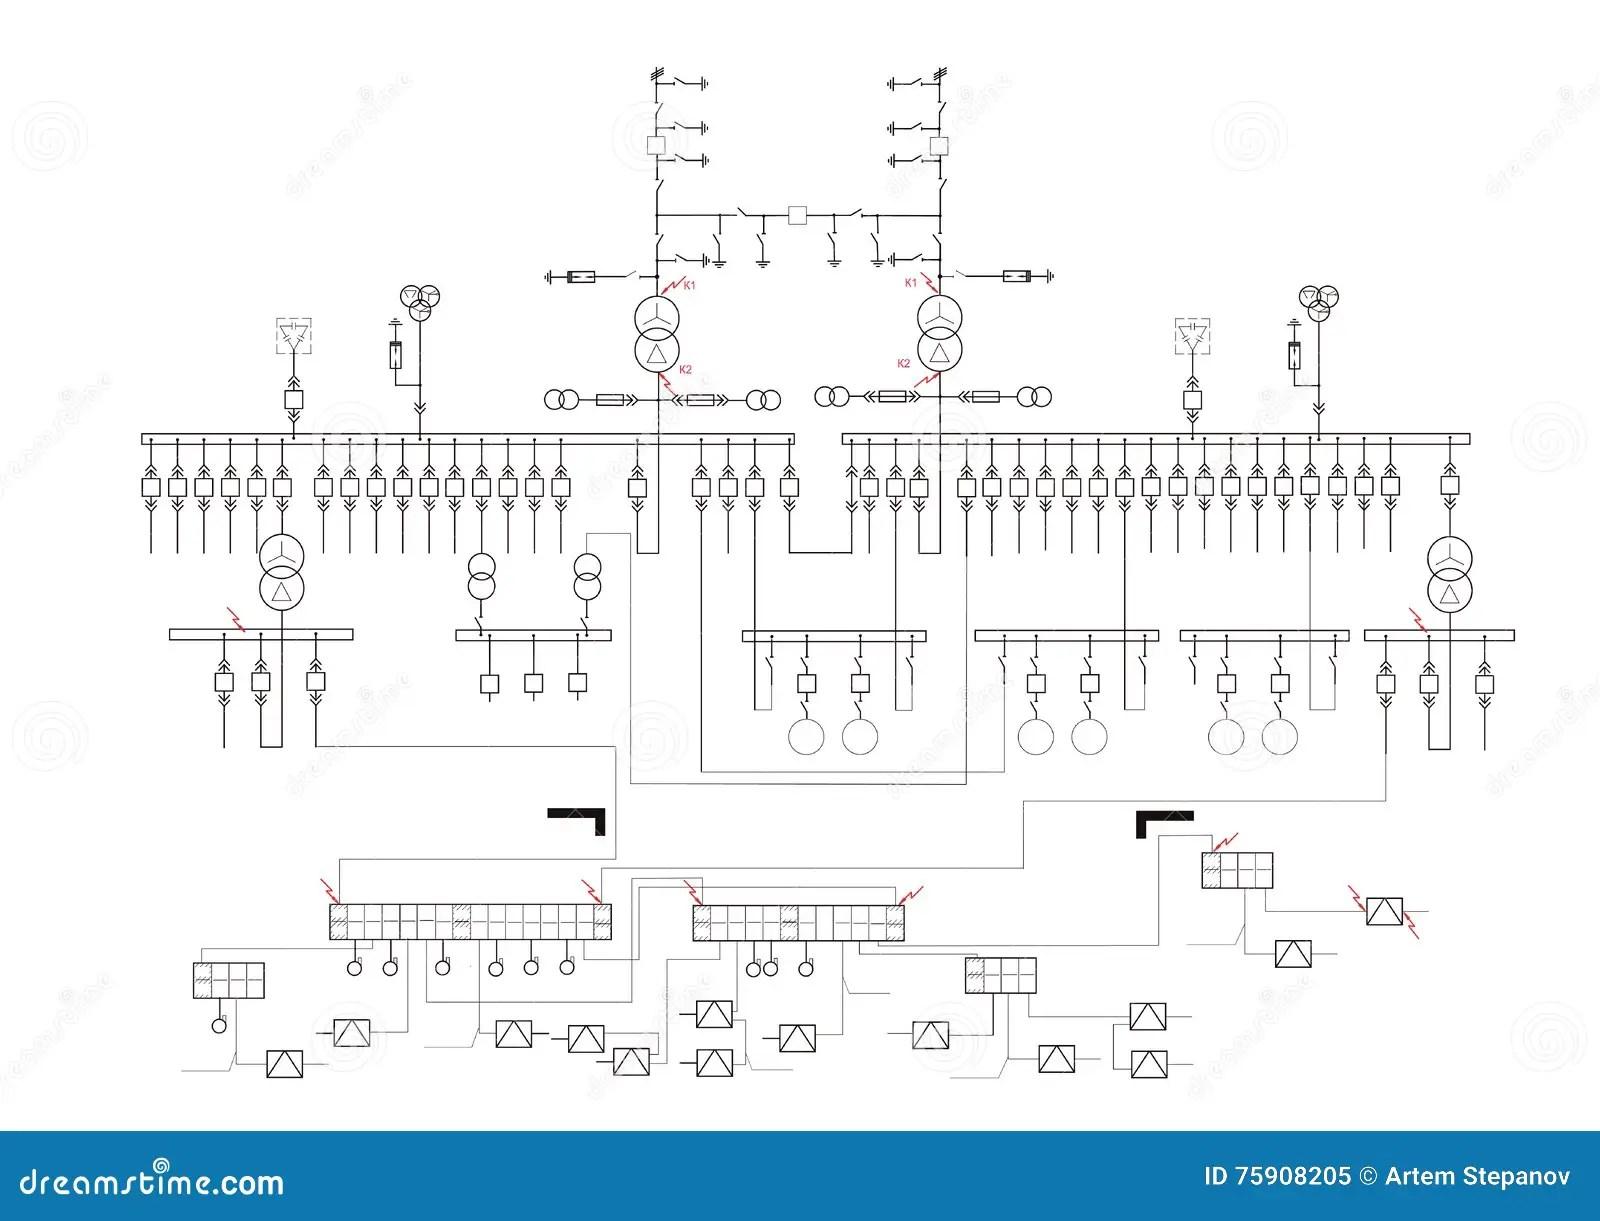 Dvd0380bh Power Circuit Diagram By Bestt571 - Wiring Diagram ... on